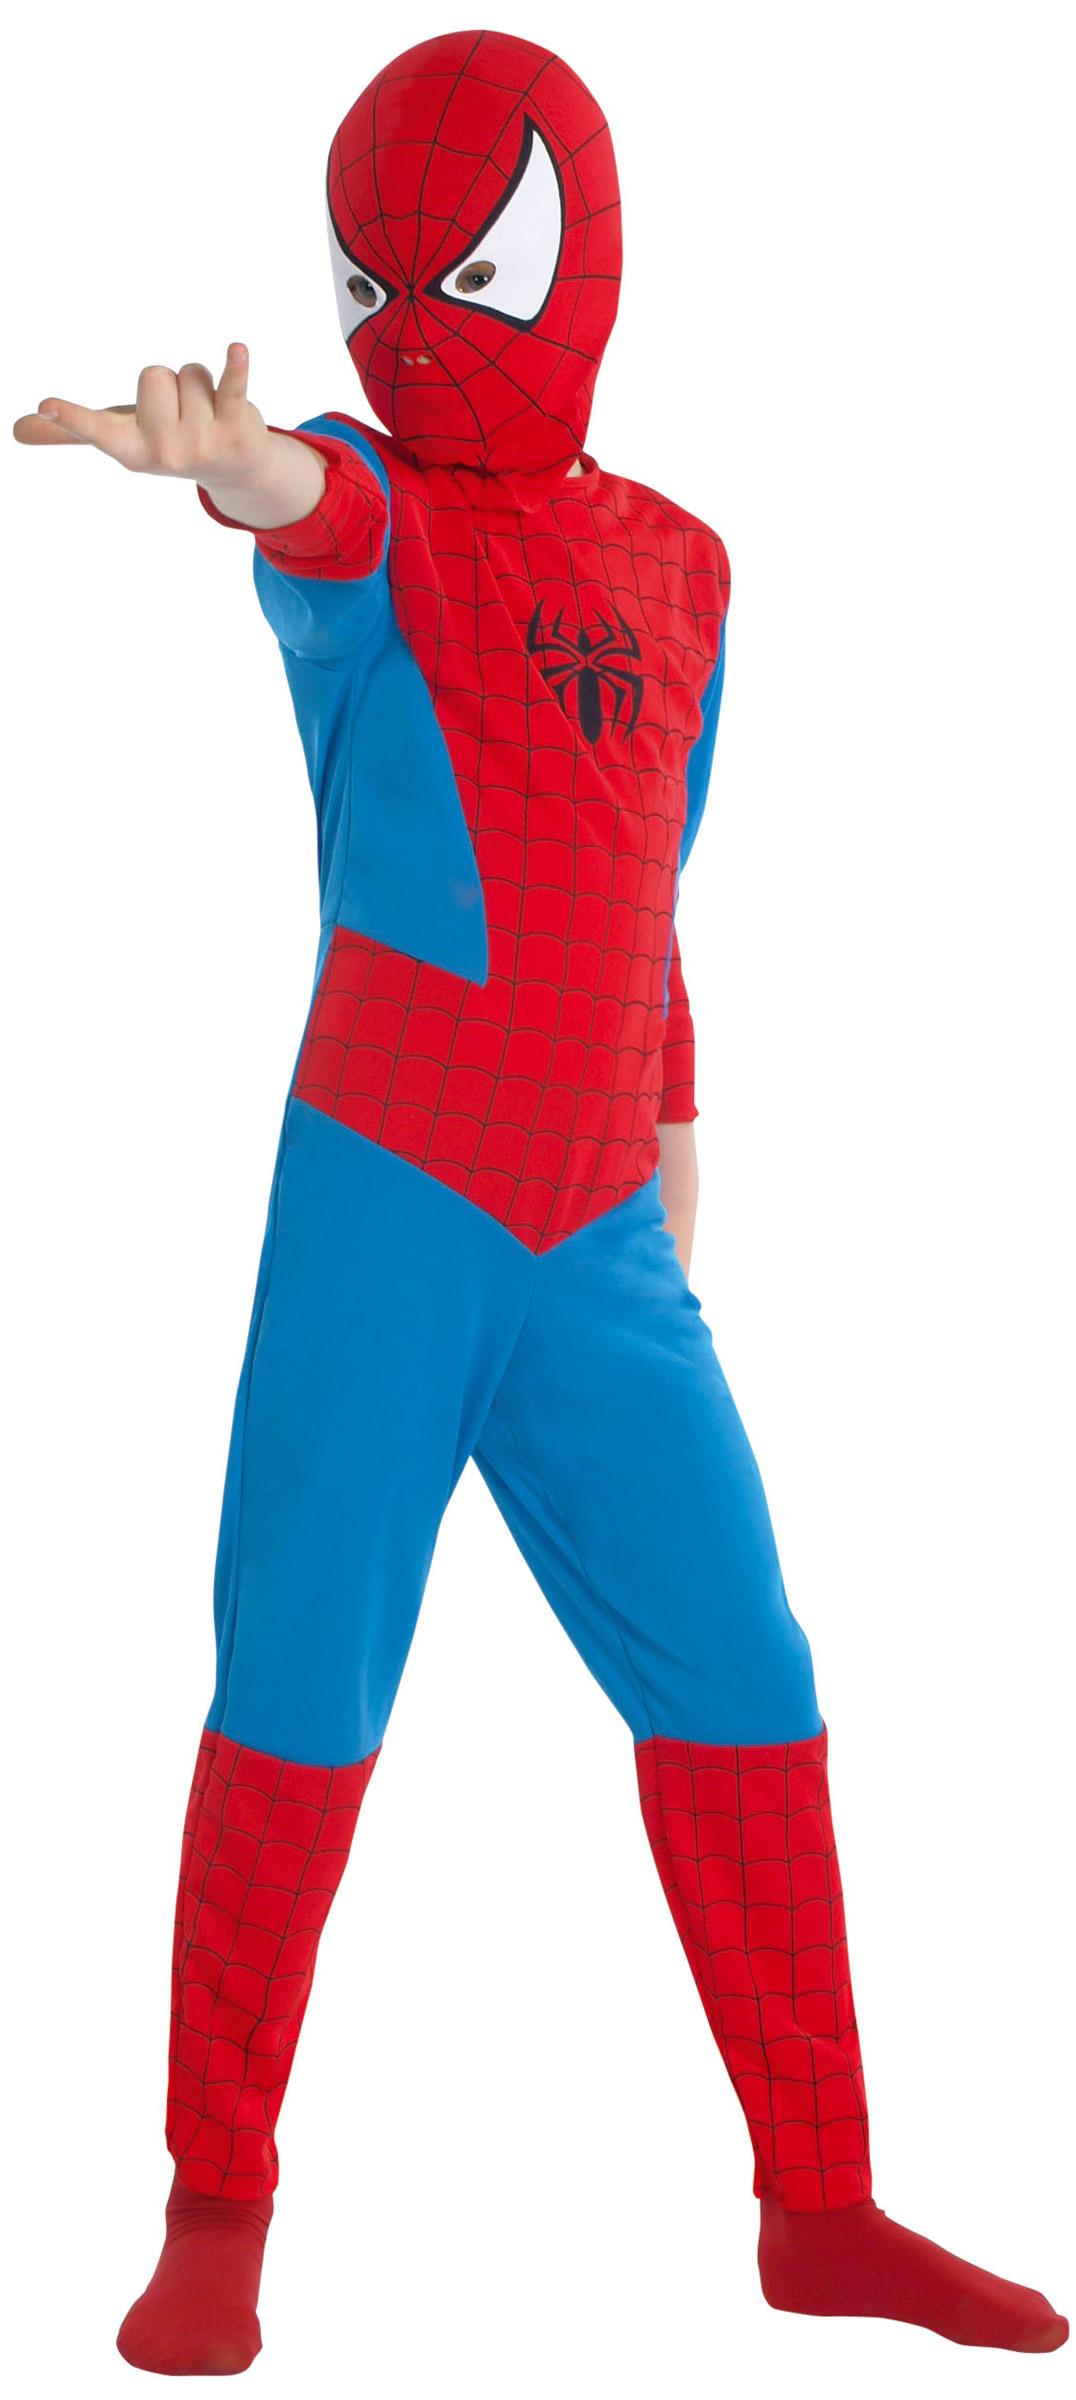 d guisement spiderman enfant deguise toi achat de d guisements enfants. Black Bedroom Furniture Sets. Home Design Ideas